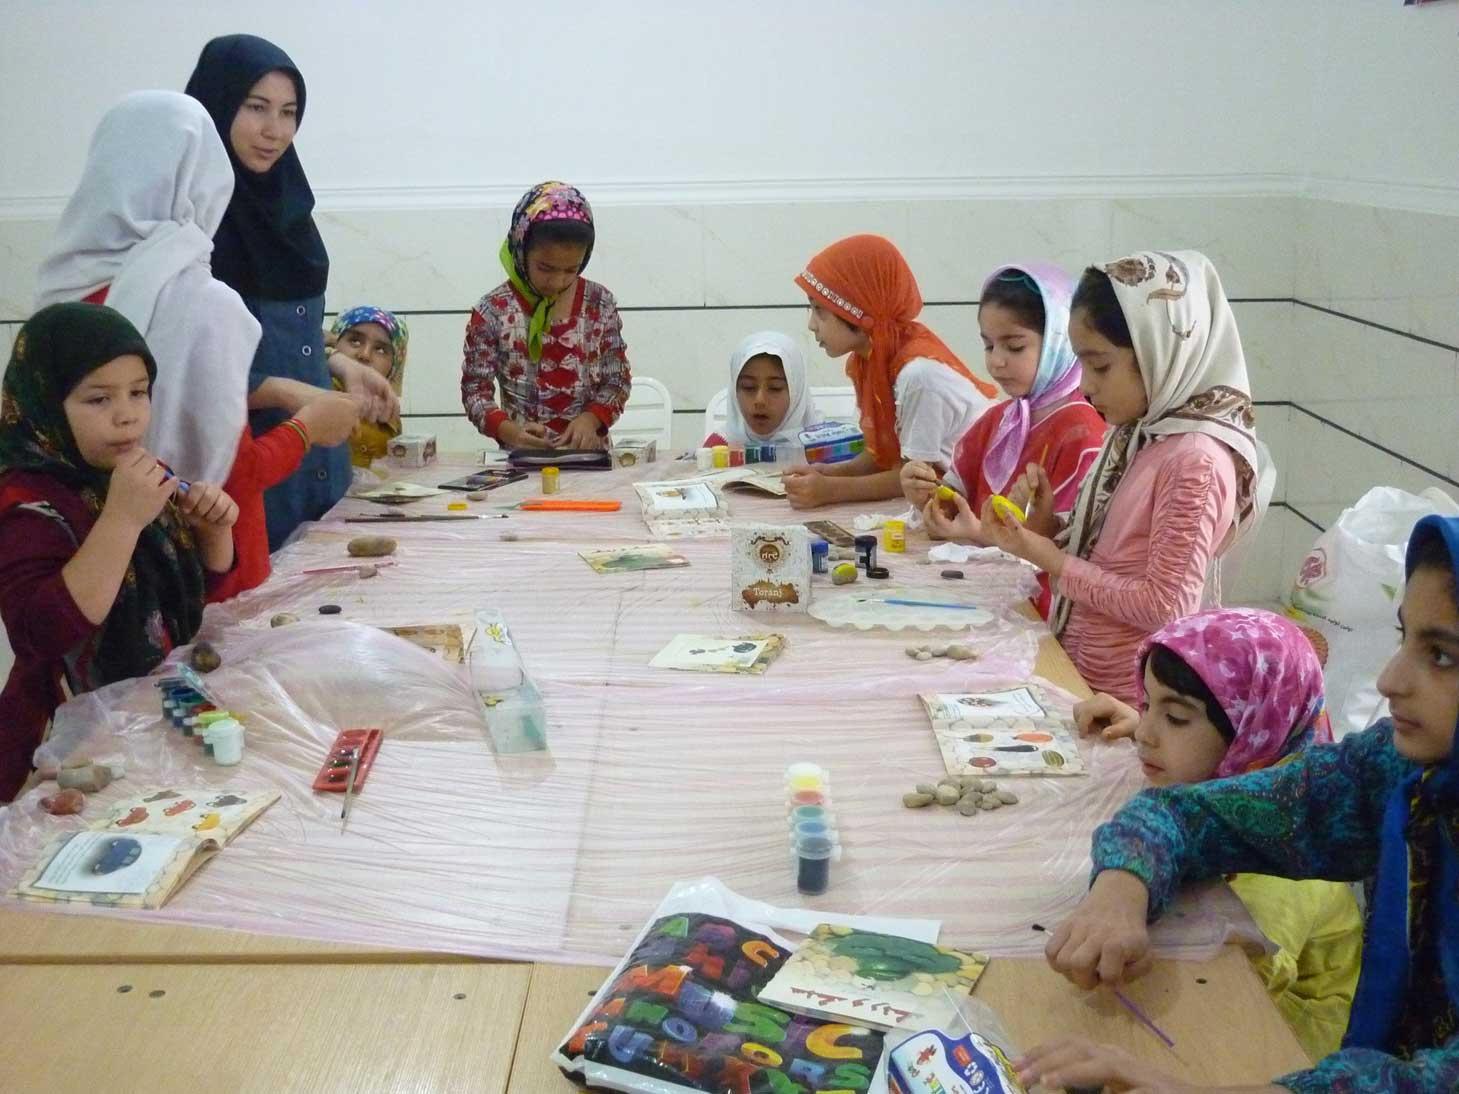 دعوت از بچهها برای حضور در کارگاه نقاشی، صنایع دستی و قصهگویی